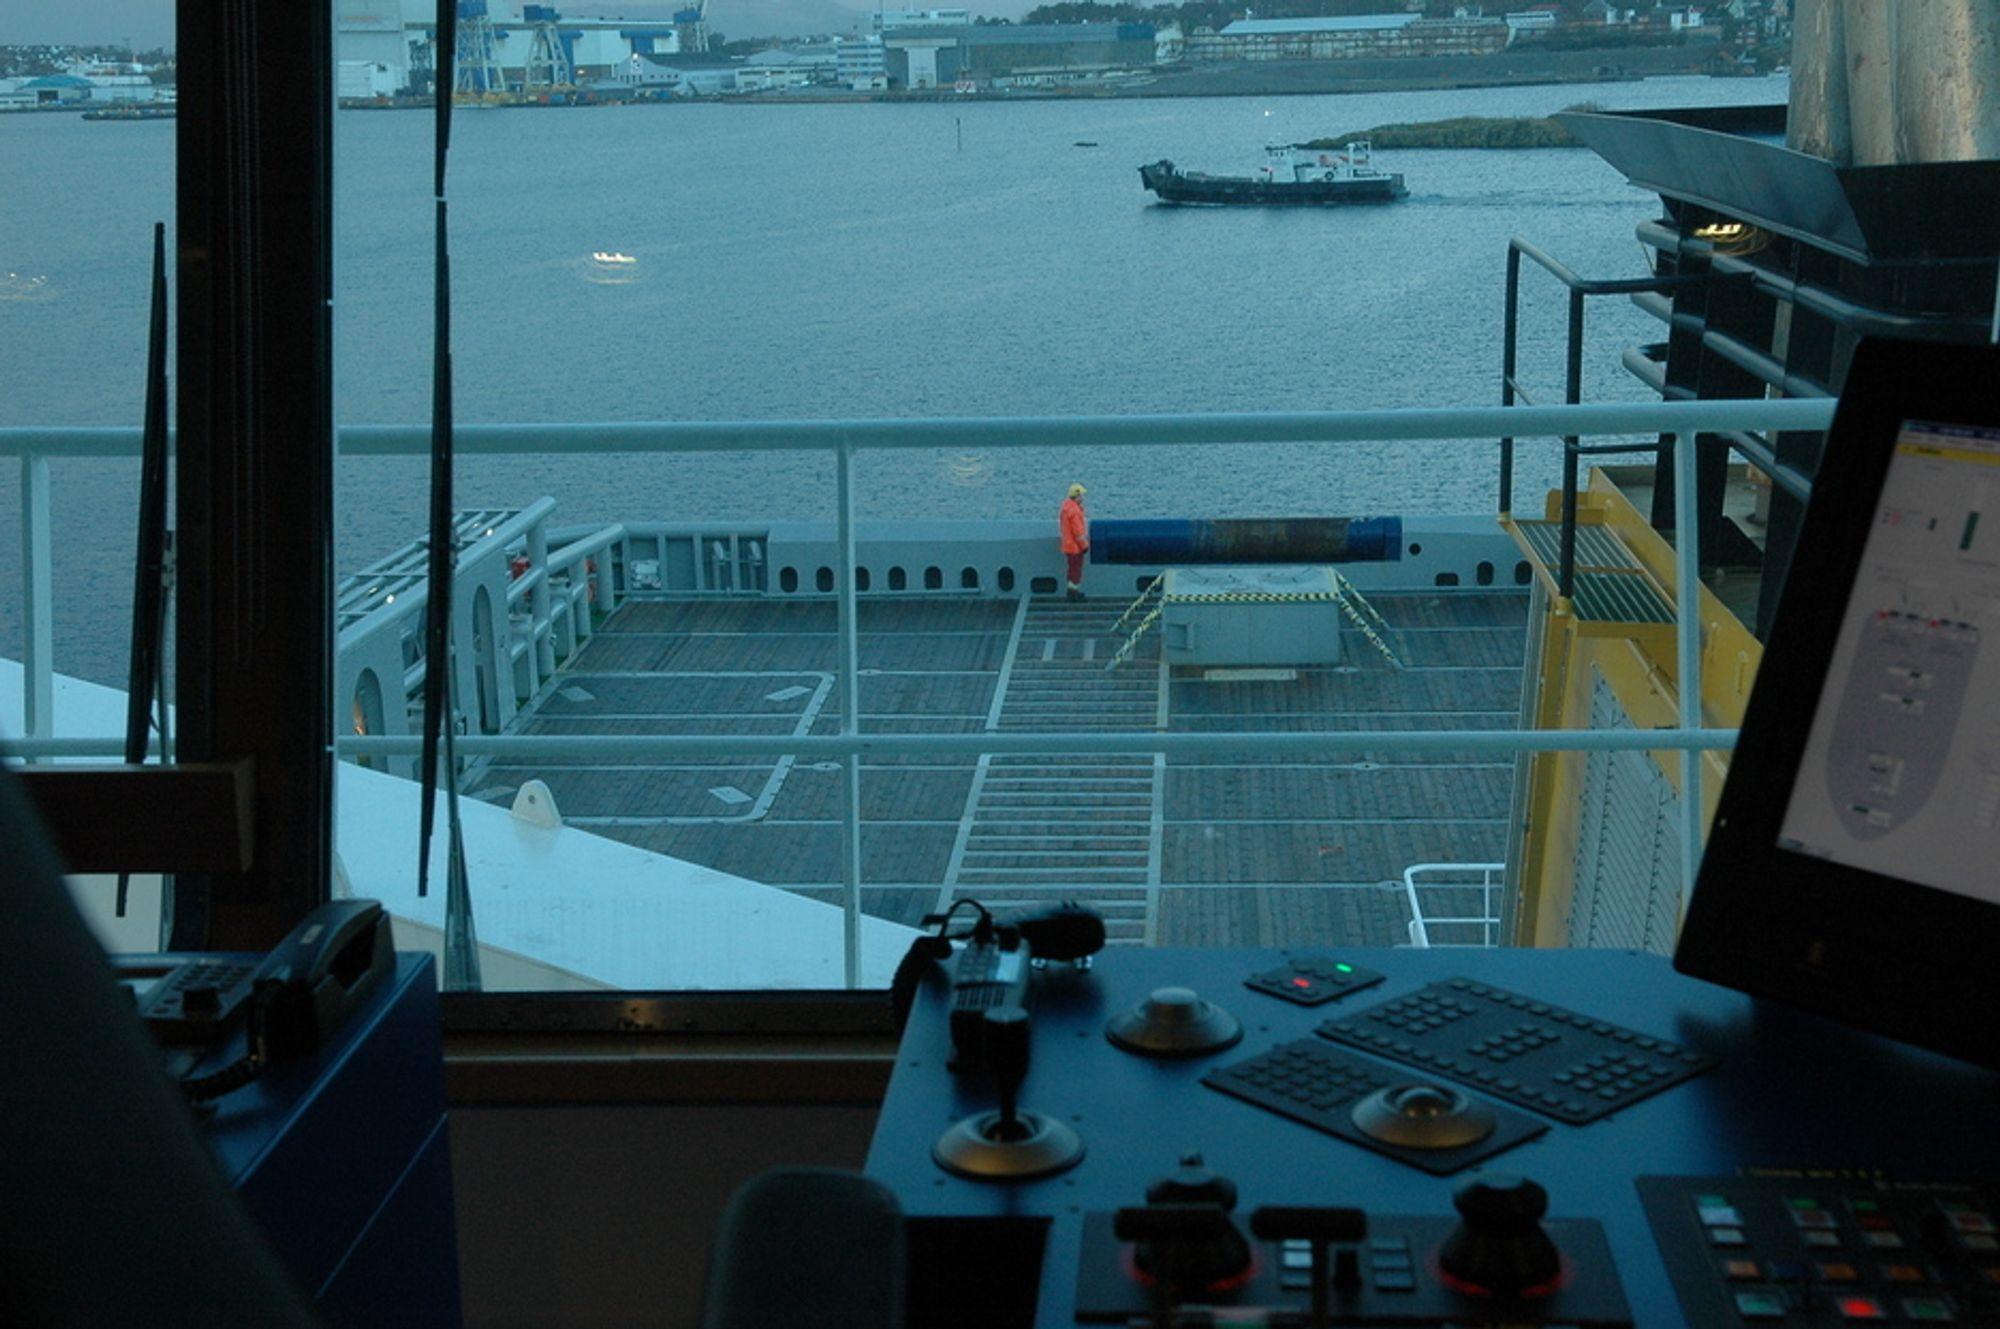 SIKKER: Arbeid på skip og drift og operasjon av skip kan innebære risiko.